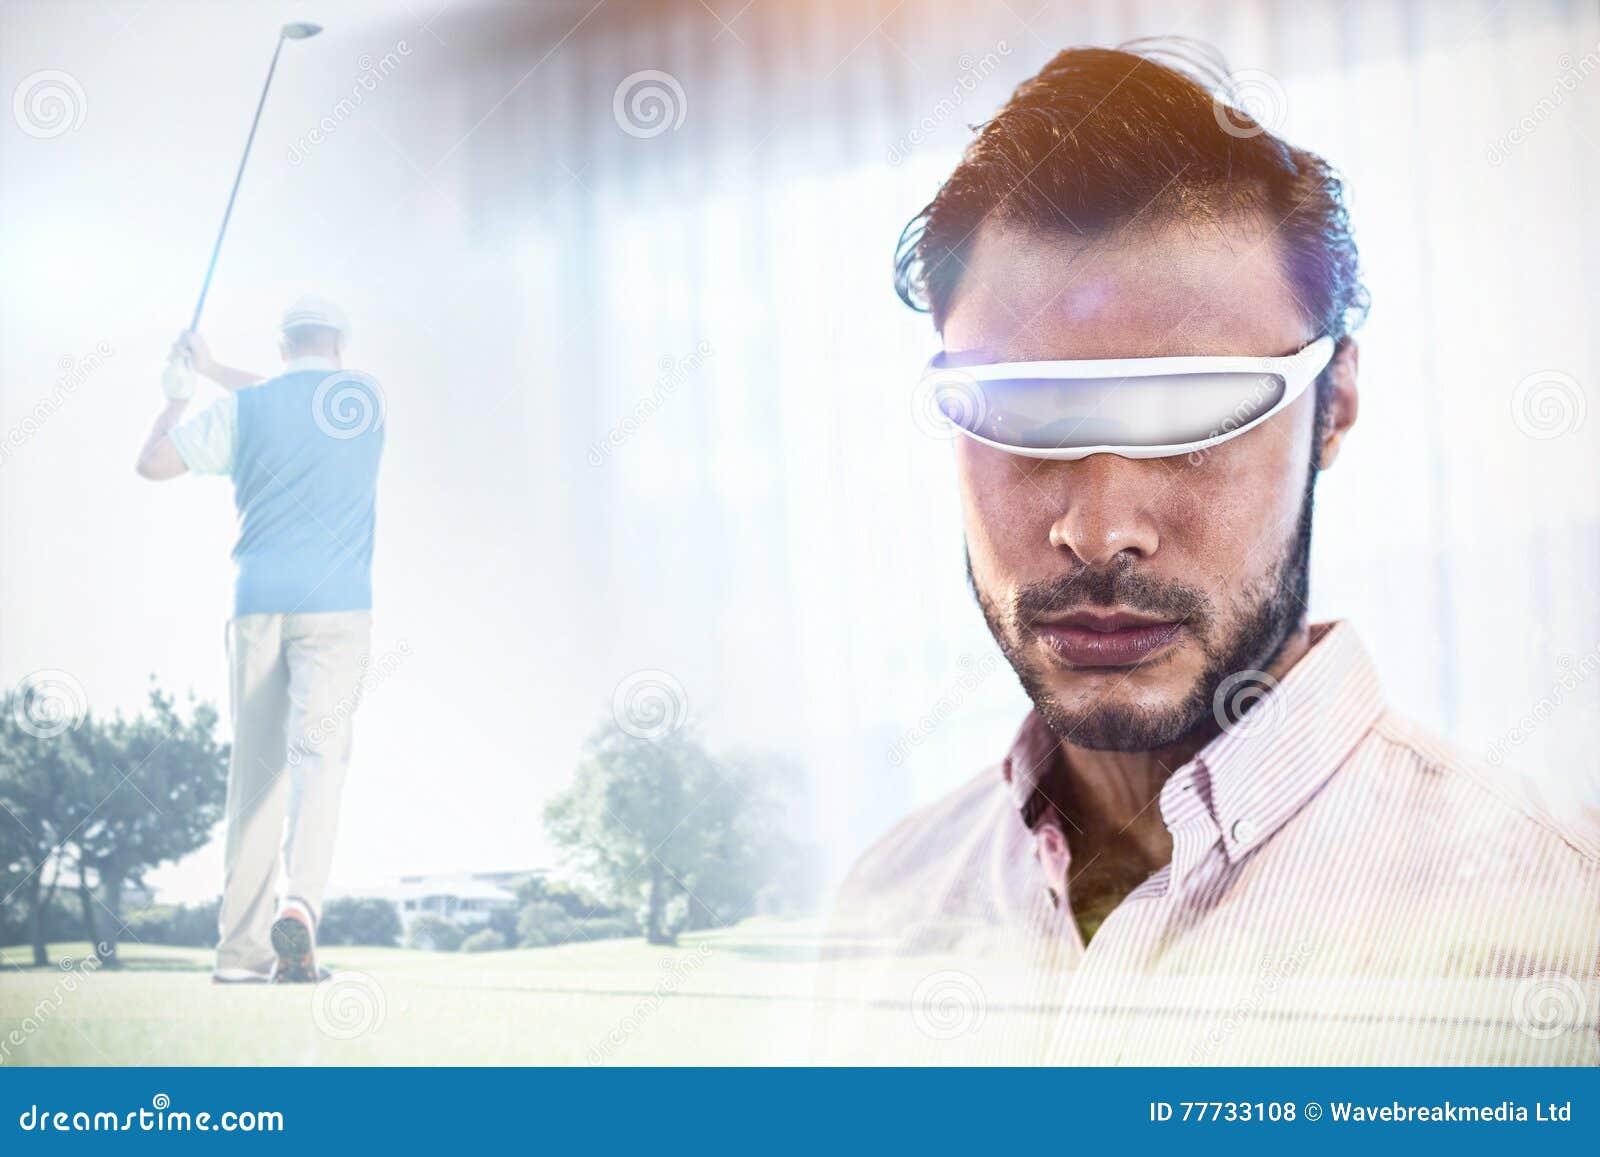 Imagem composta do jogador de golfe que toma um tiro